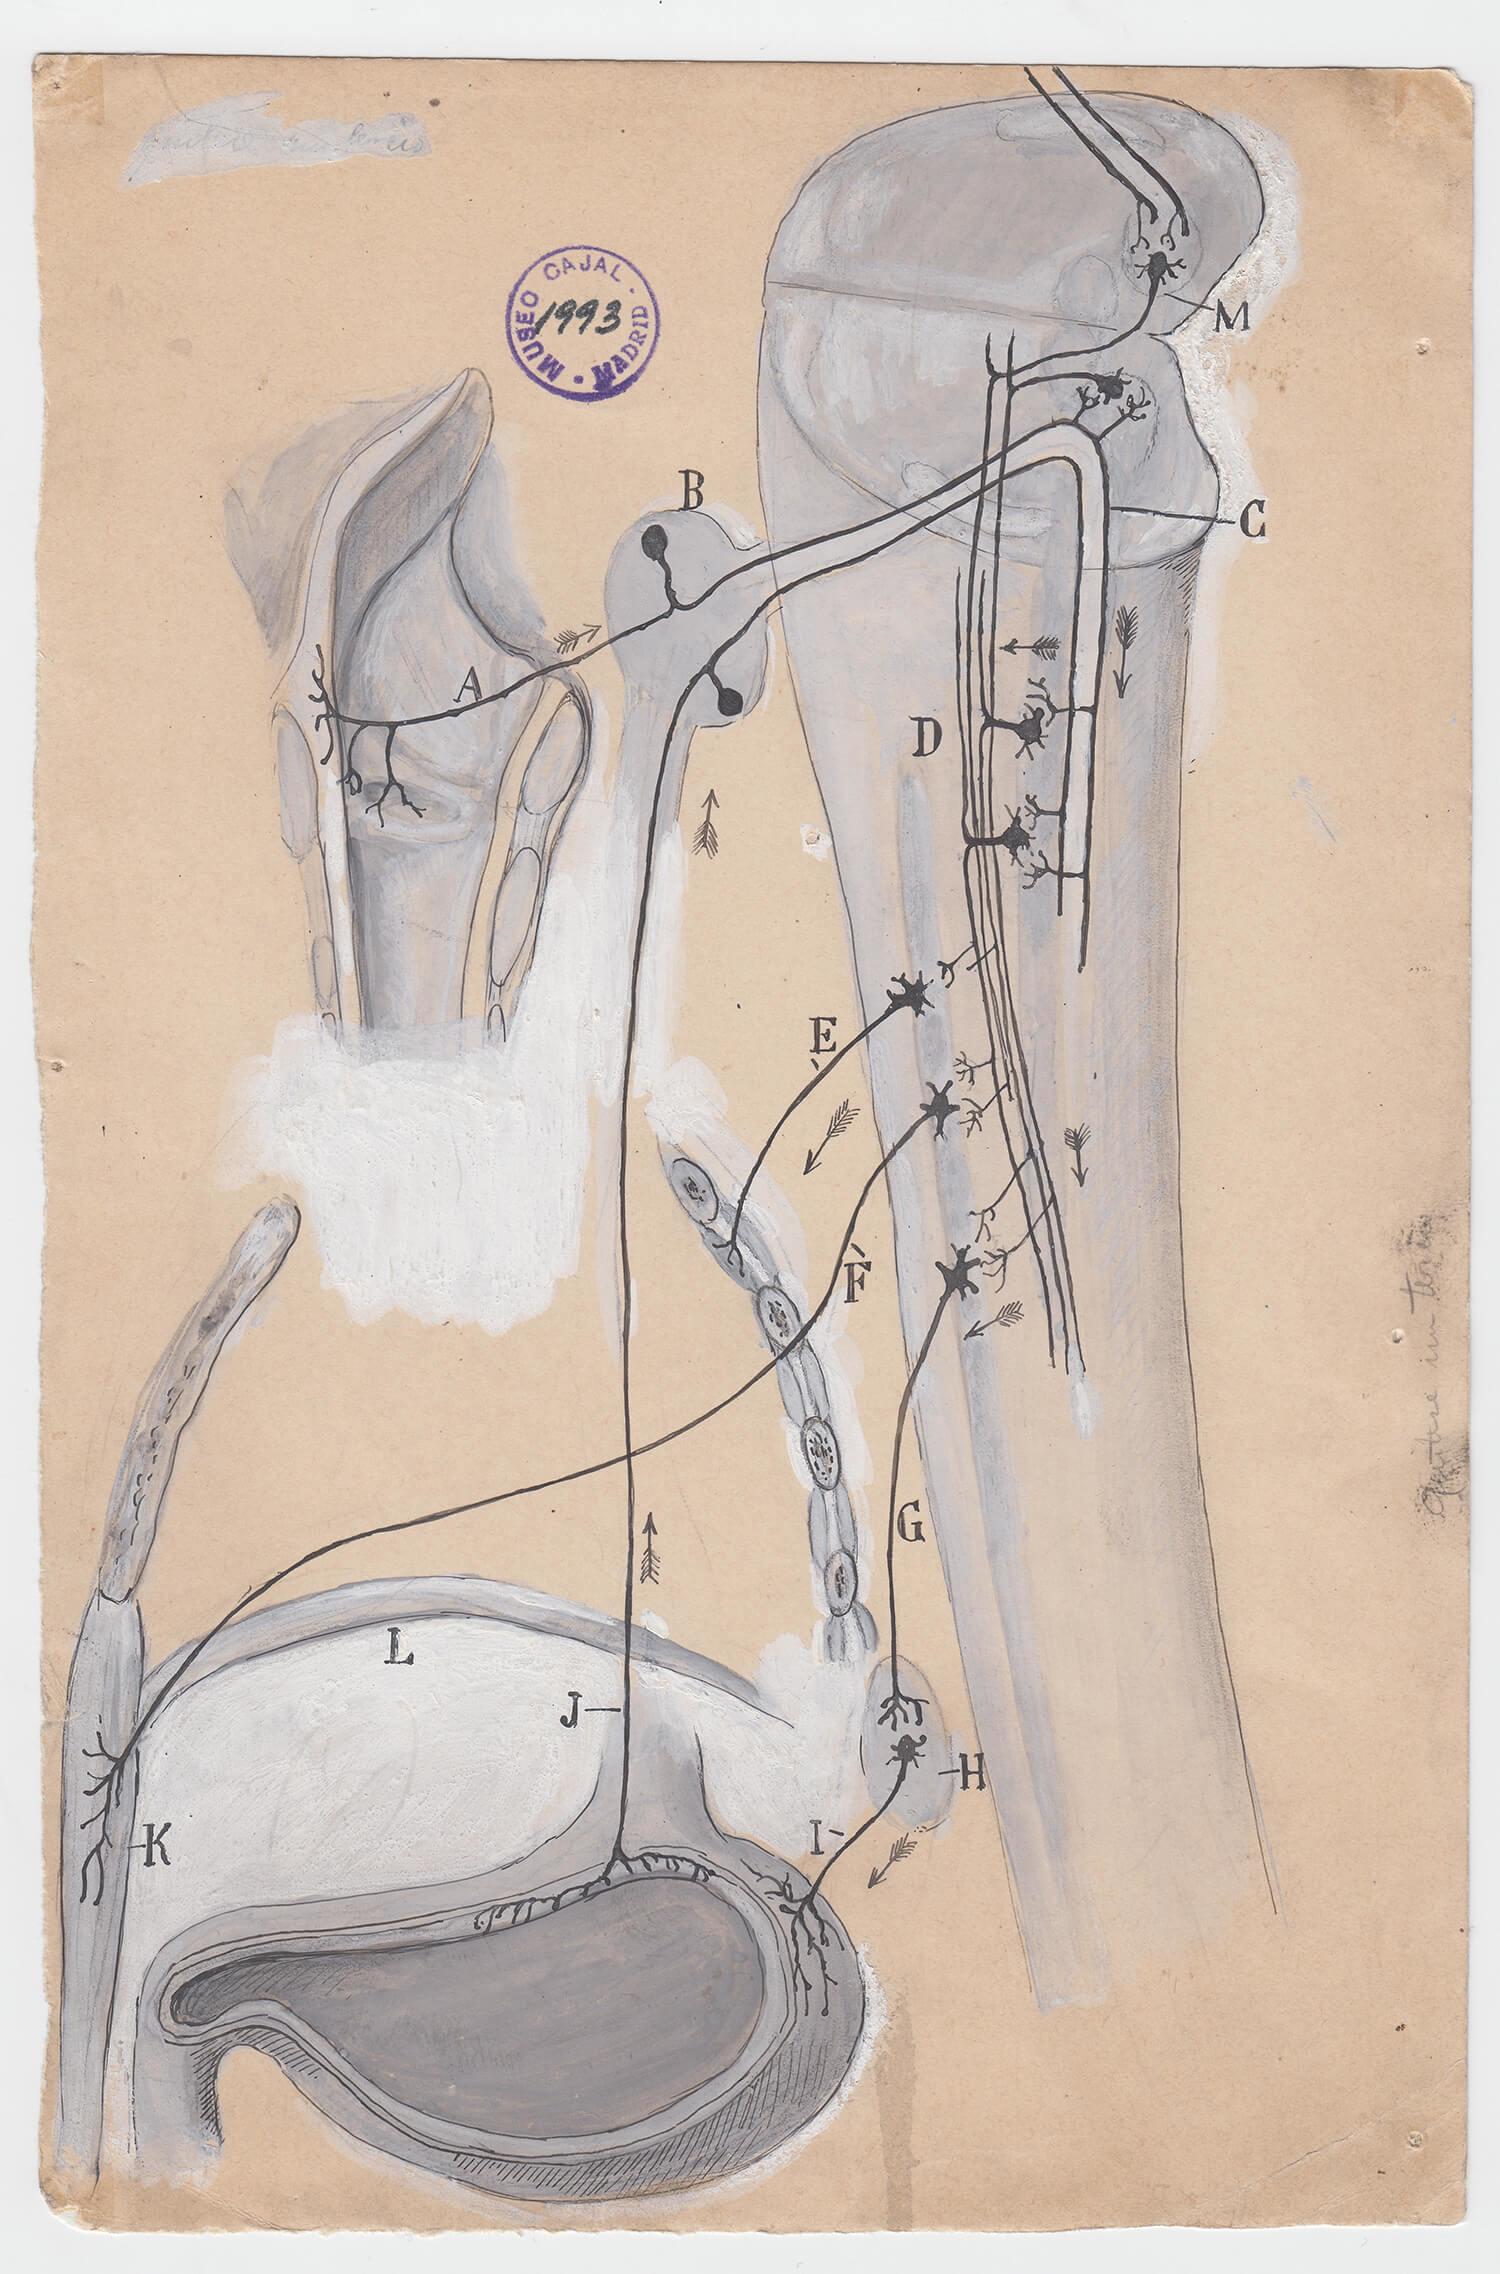 ilustraciones de ramon y cajal m1993